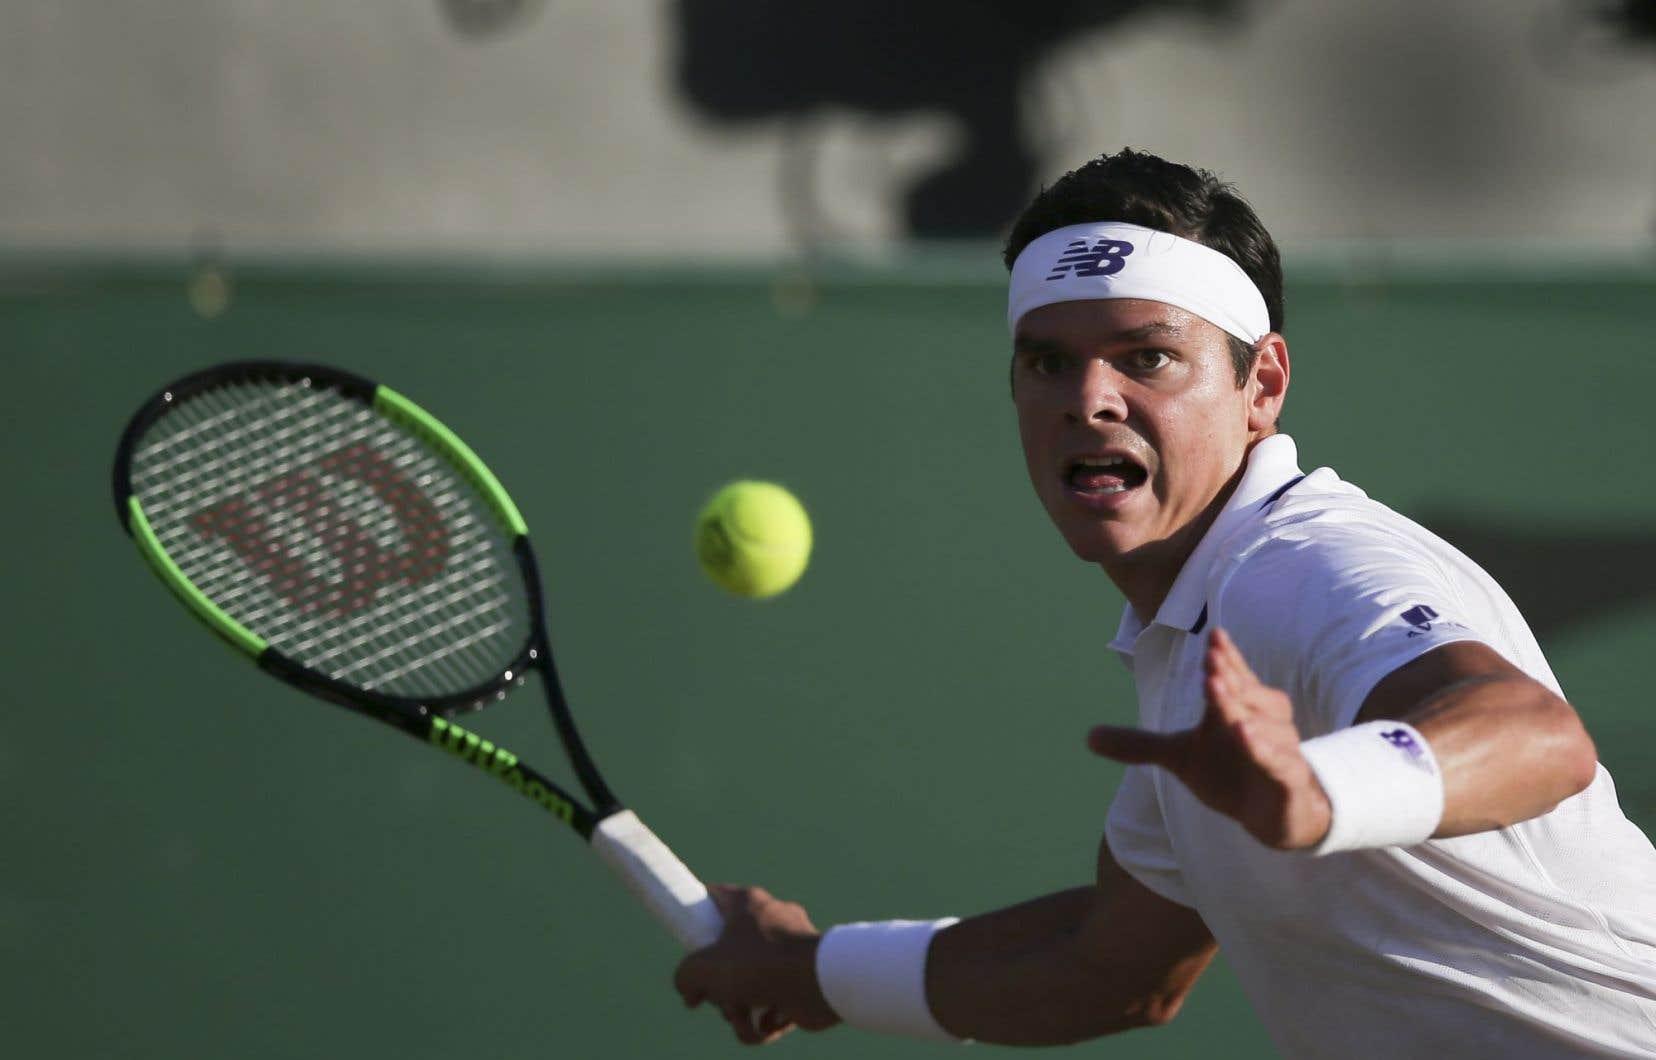 Le Canadien Milos Raonic a atteint les quarts de finale au tournoi de Wimbledon après avoir pris la mesure de l'Allemand Alexander Zverev.